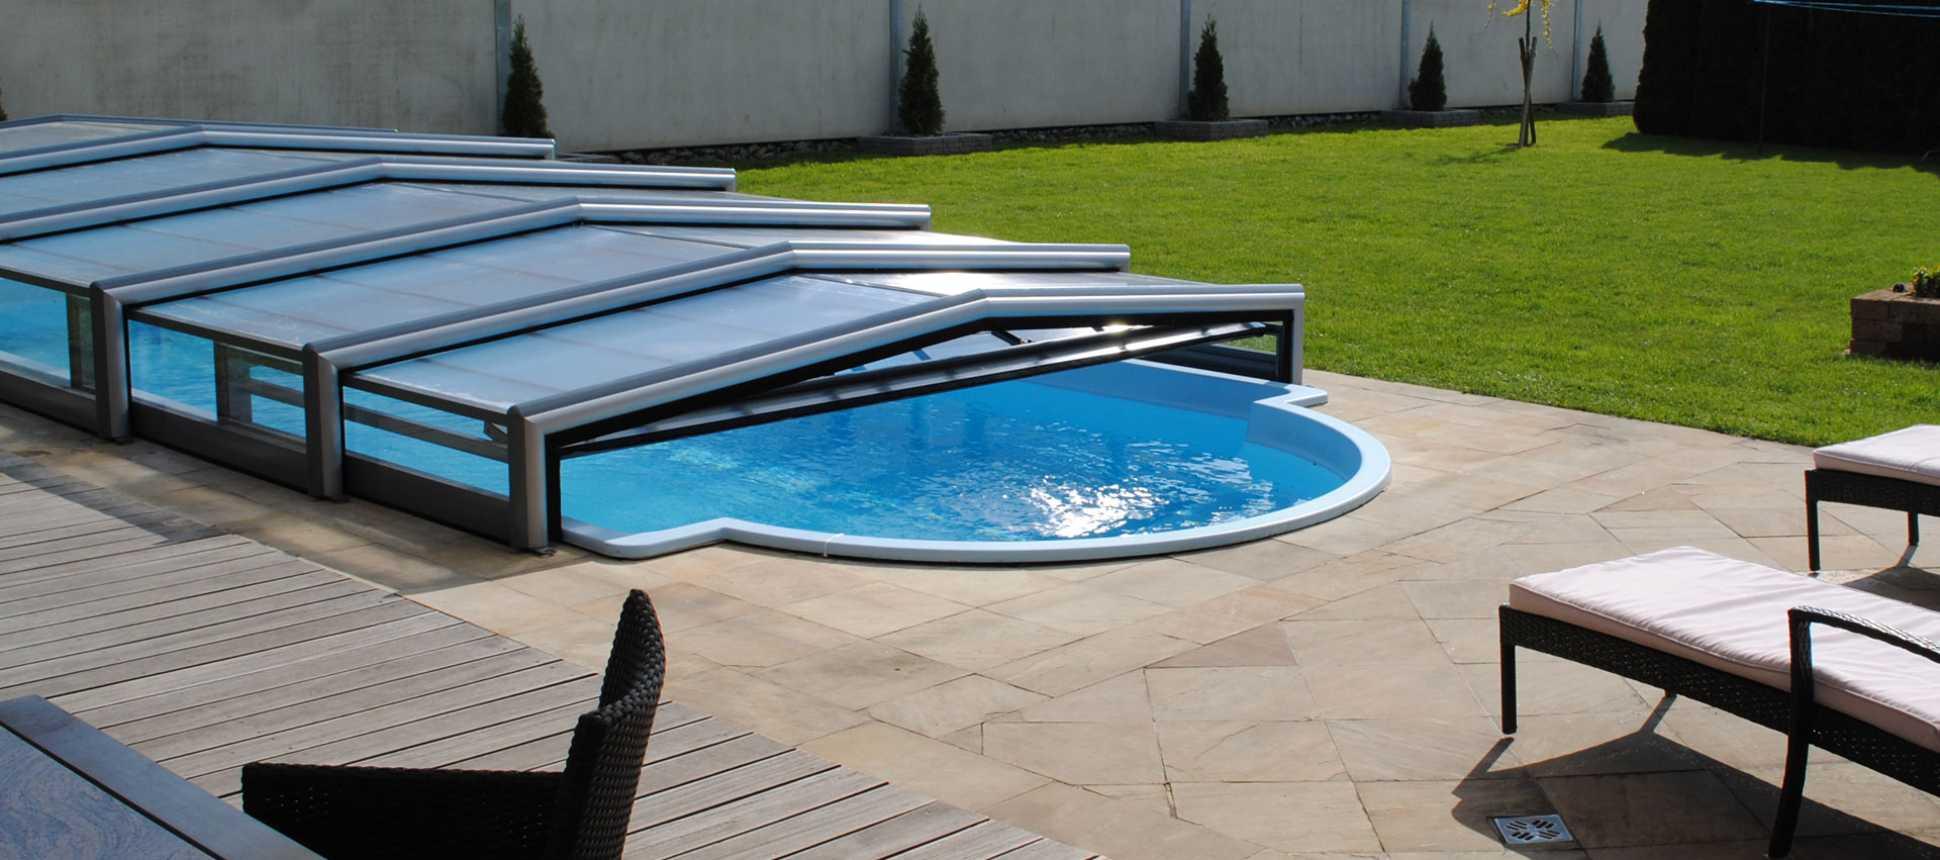 Swimmingpool Im Garten ist nett stil für ihr haus design ideen